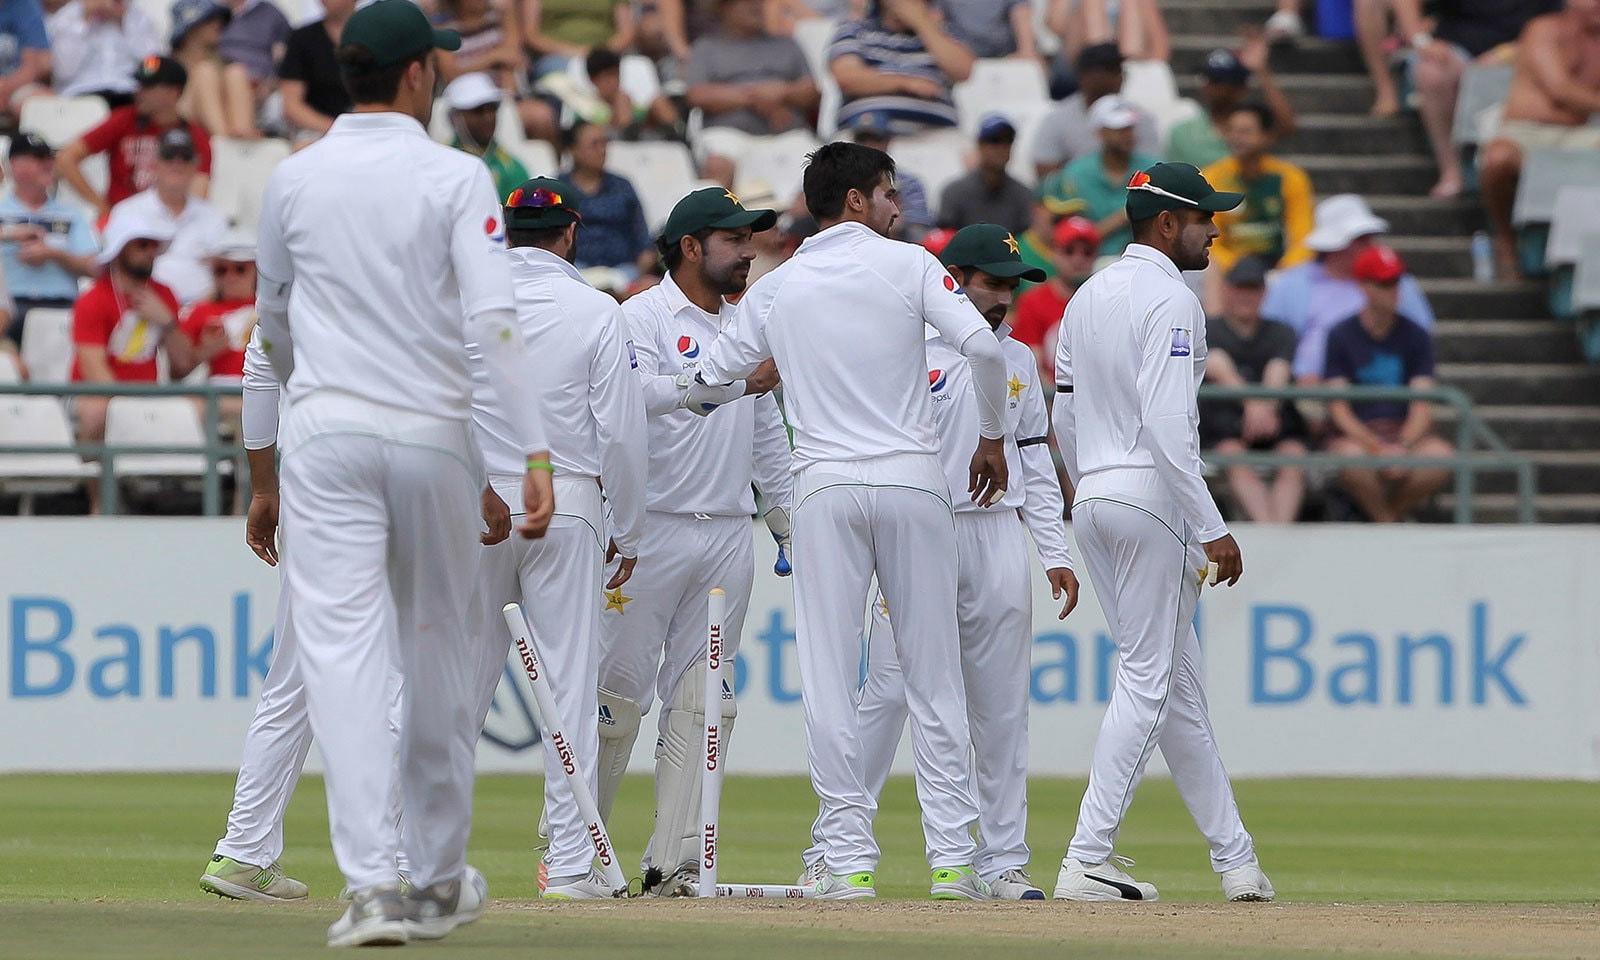 پاکستان کی جانب سے محمد عامر اور شاہین شاہ آفریدی نے 4،4 وکٹیں حاصل کیں—فوٹو:اے پی